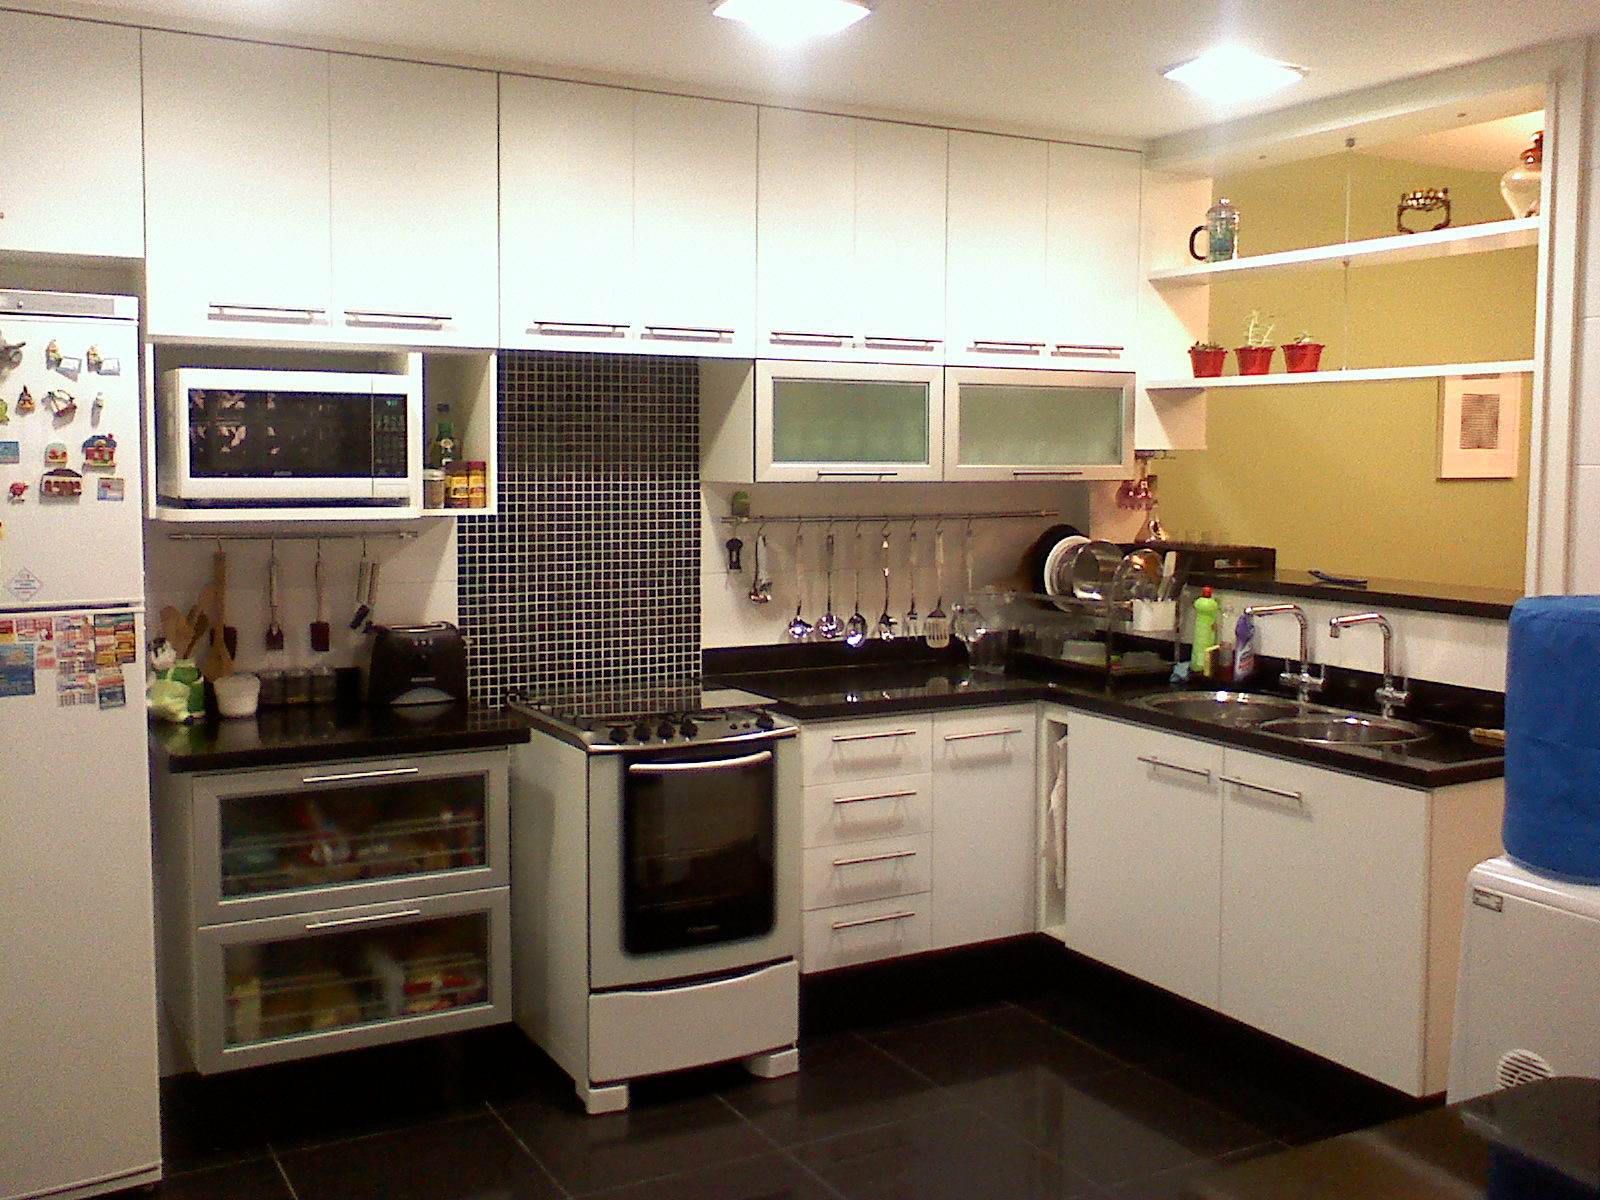 #213A66 quinta feira 4 de novembro de 2010 1600x1200 px Bancada De Granito Para Cozinha Americana Preço_2423 Imagens